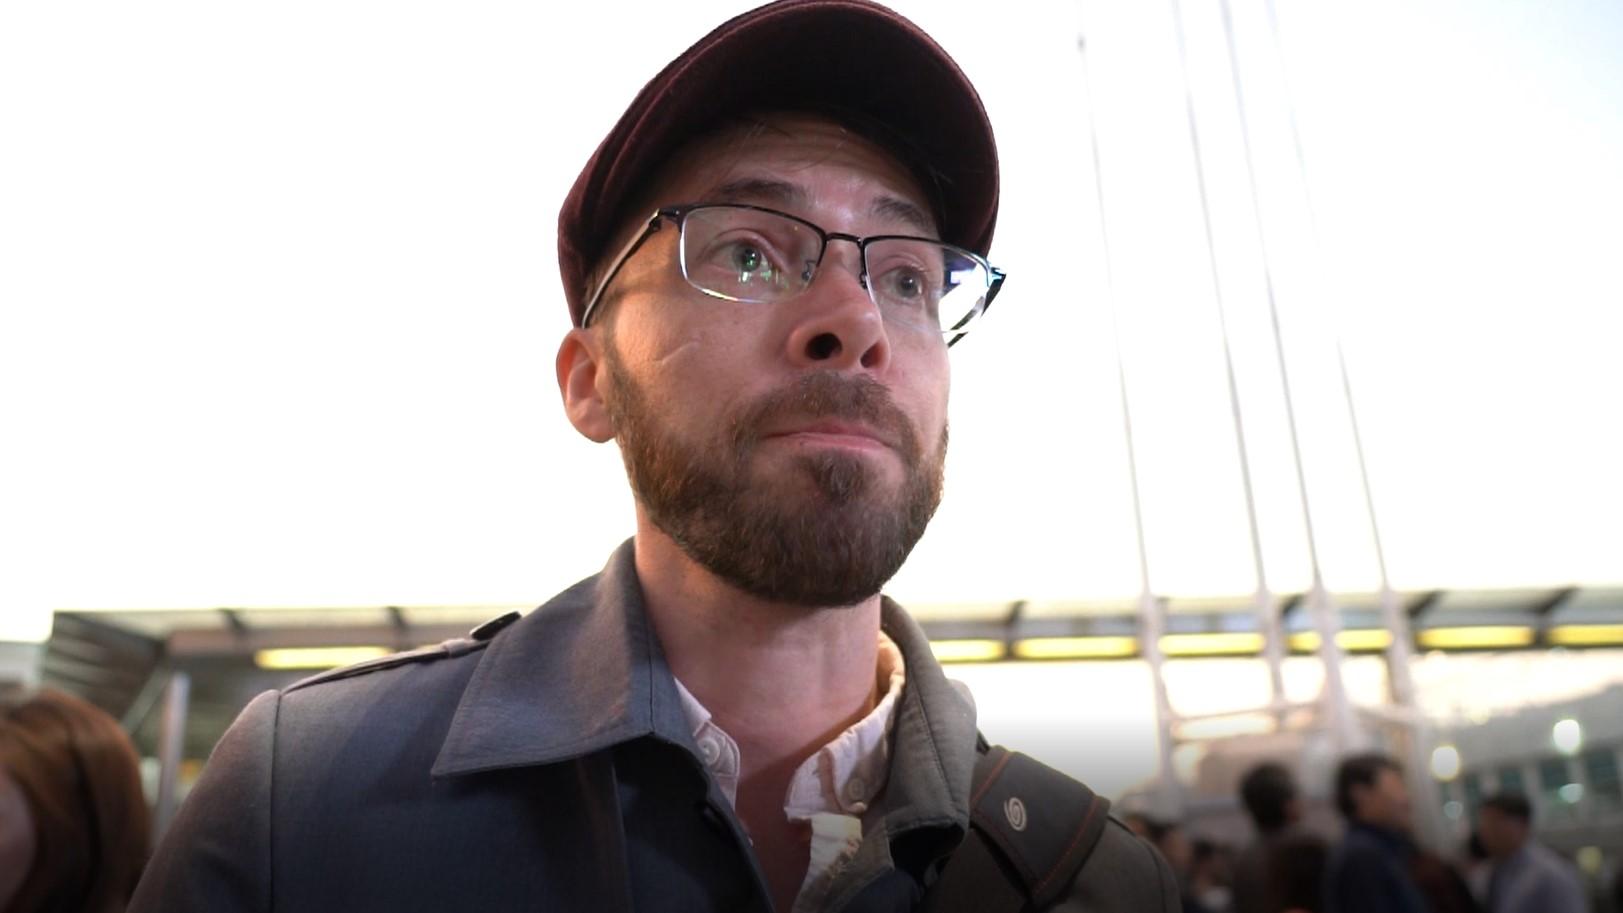 美国访港游客阿当(Adam Roberts)表示,对香港警察的暴力行为感到惊讶。(李智智摄)